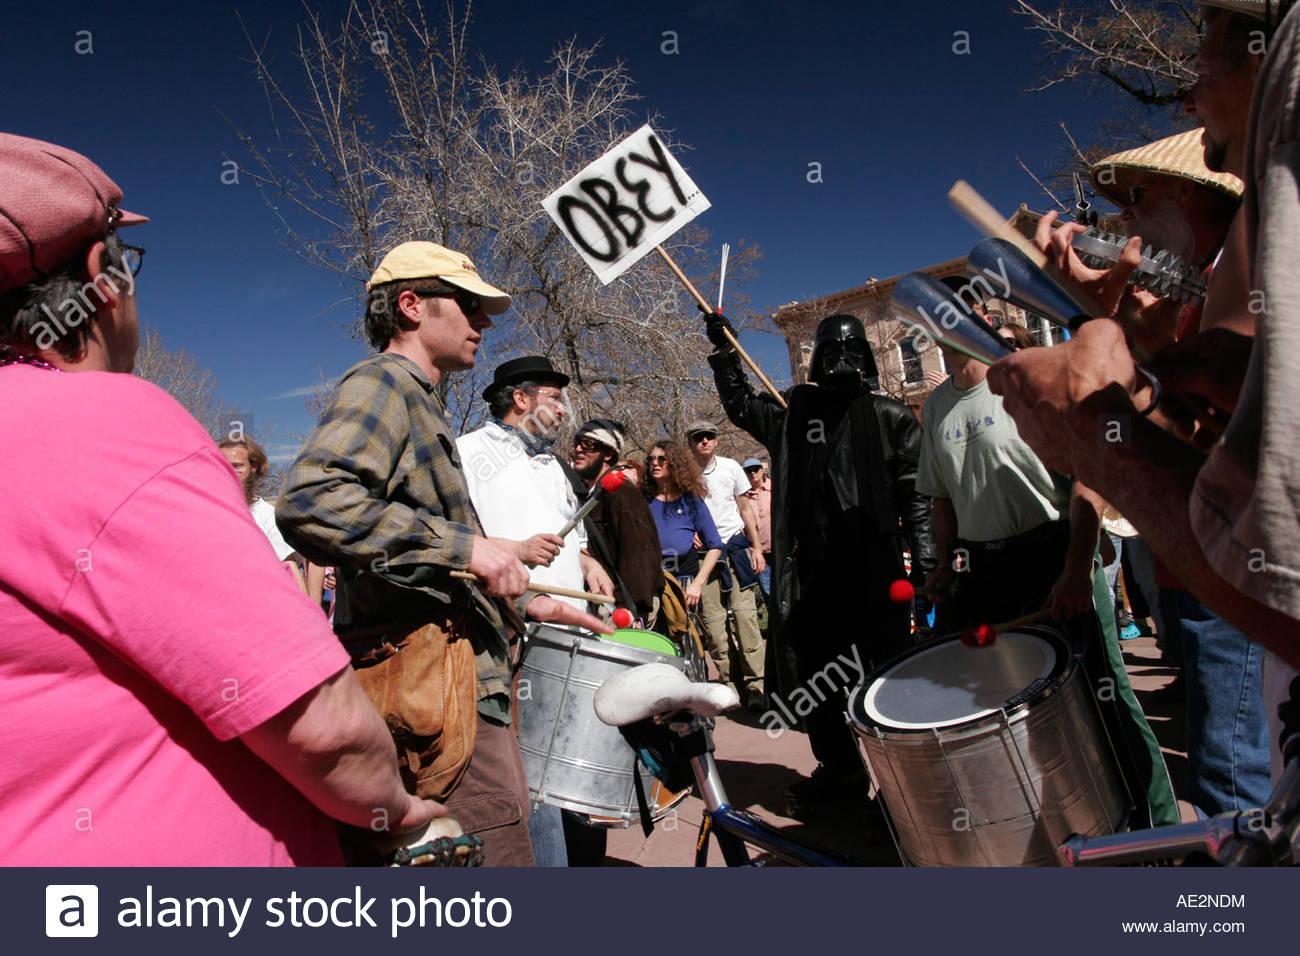 Anti Iraq War Protestors Beating Drums Including Darth Vader at the Santa Fe Plaza New Mexico - Stock Image